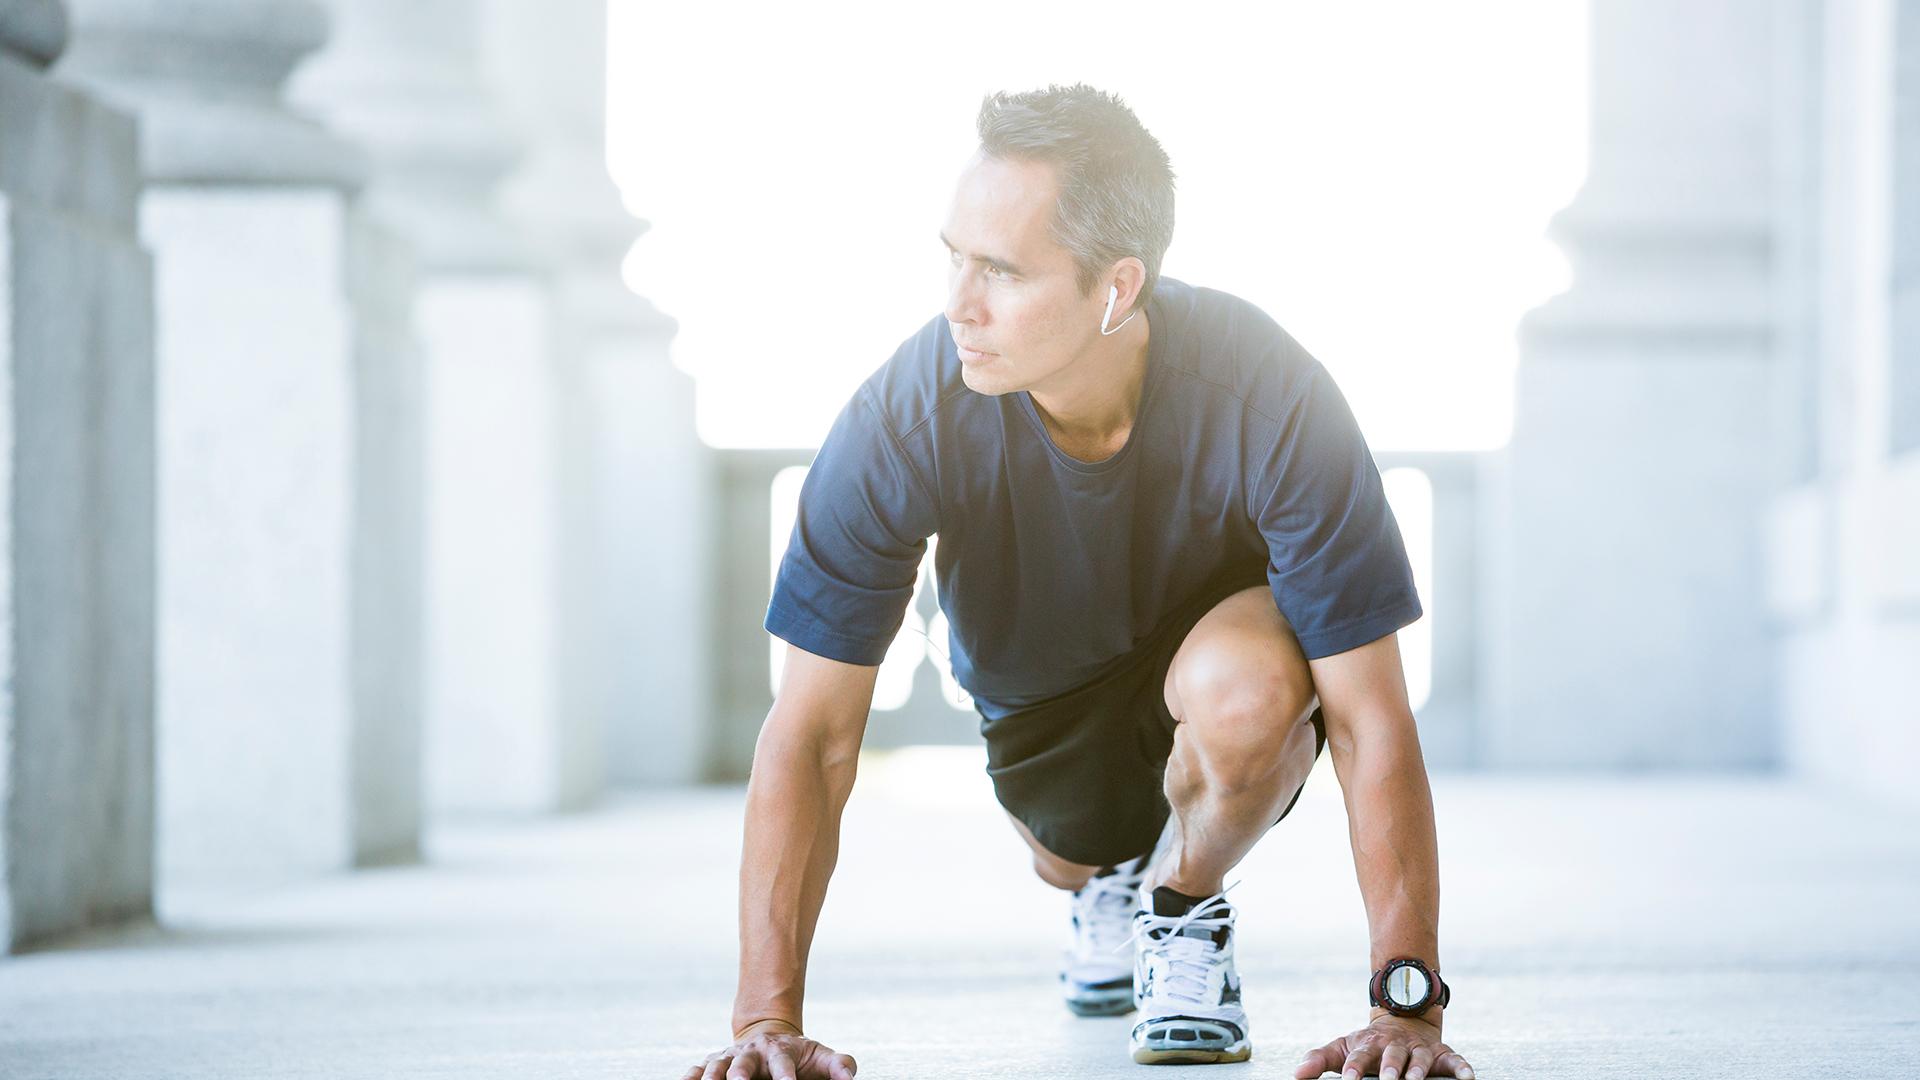 Imagen de un hombre estirando para realizar un ejercicio